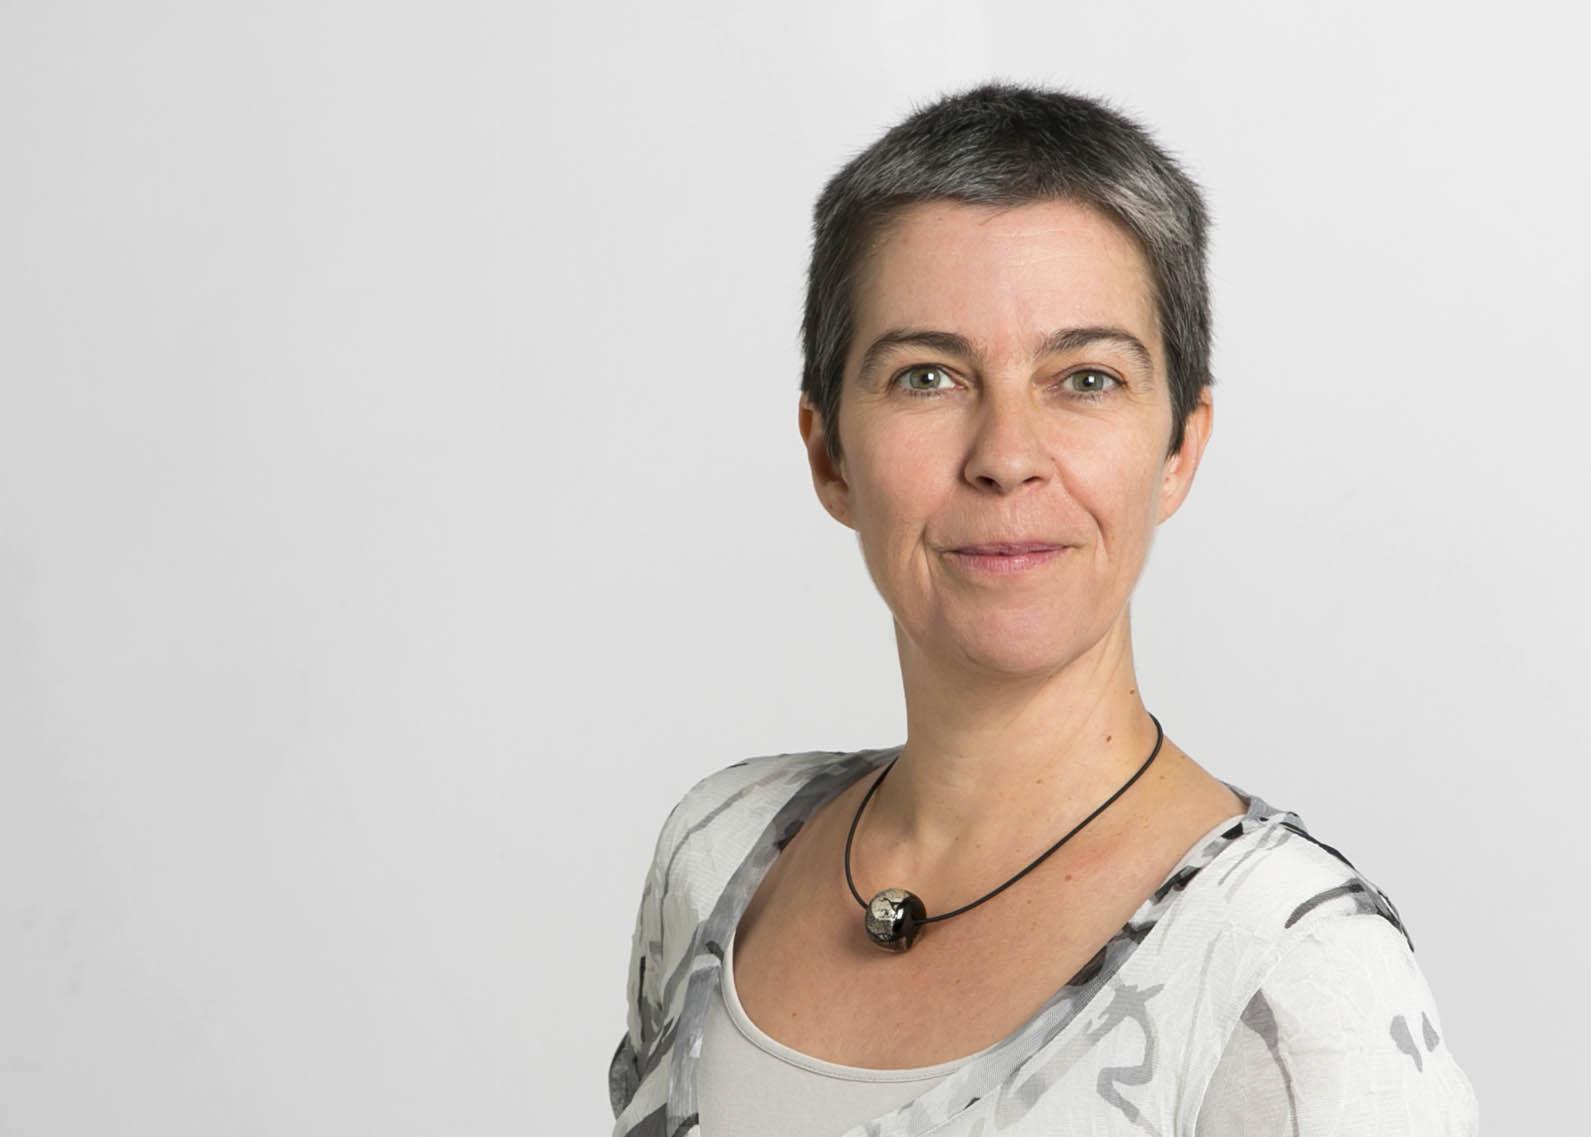 Angela Slama